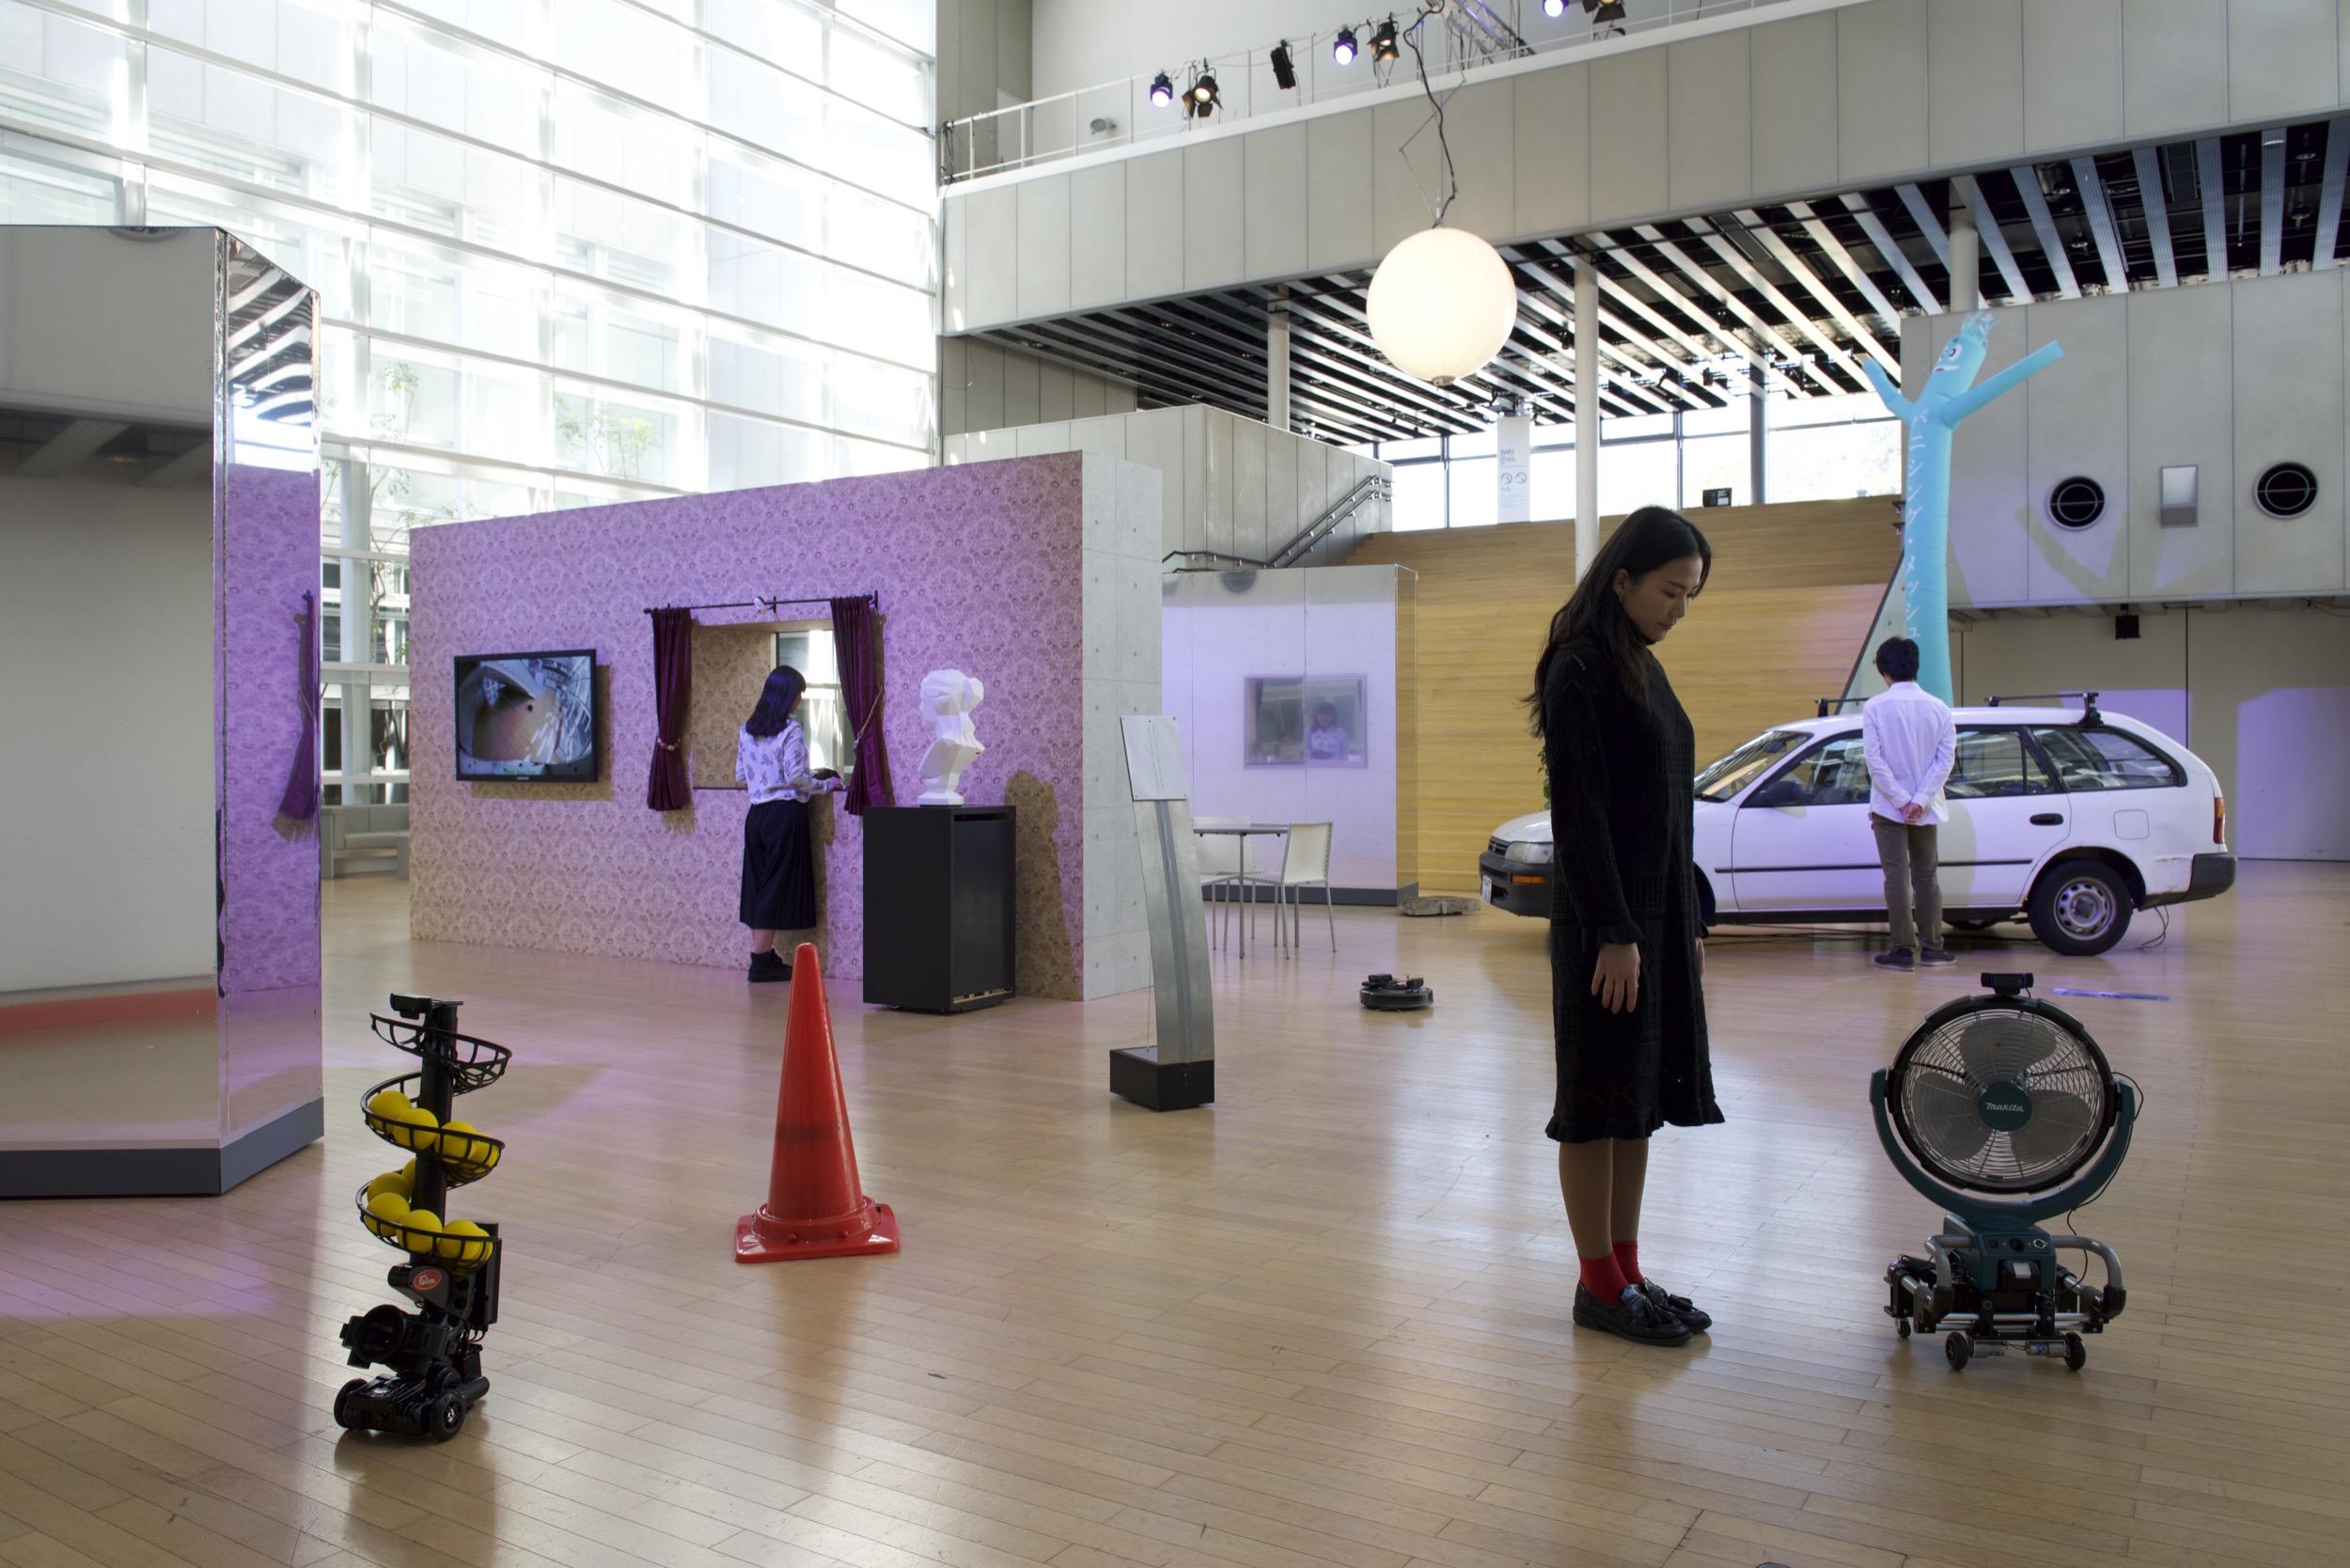 Imagen de la exposición 'Avatars' - Foto: kanno.so